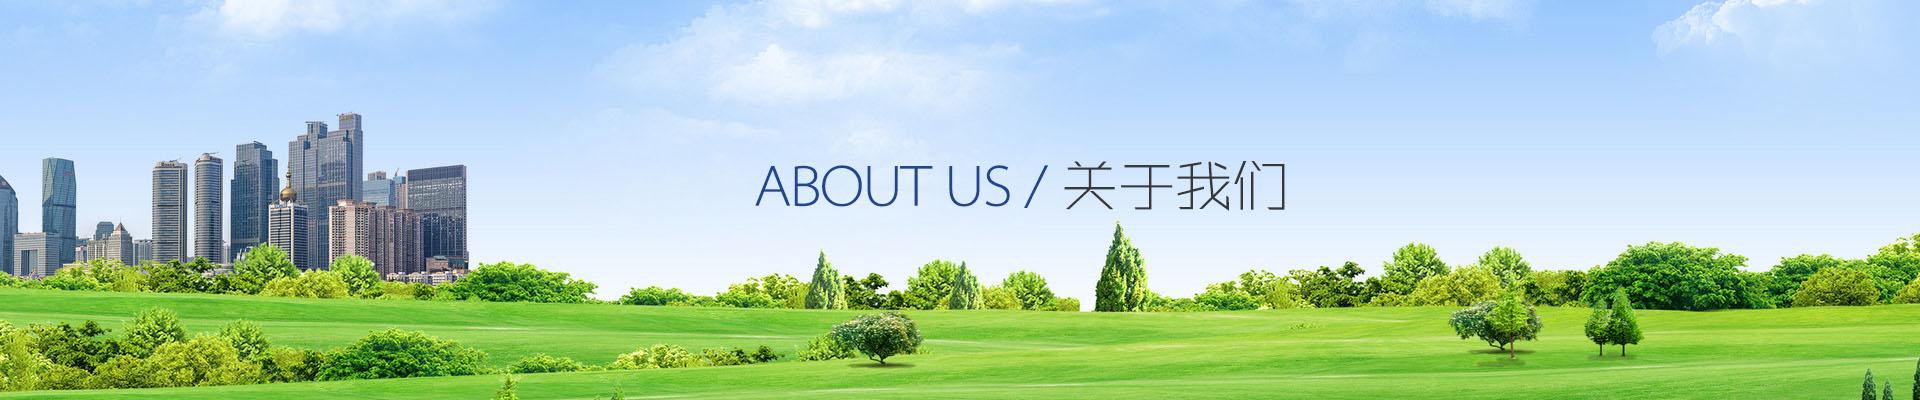 江苏中科睿赛环境工程有限公司